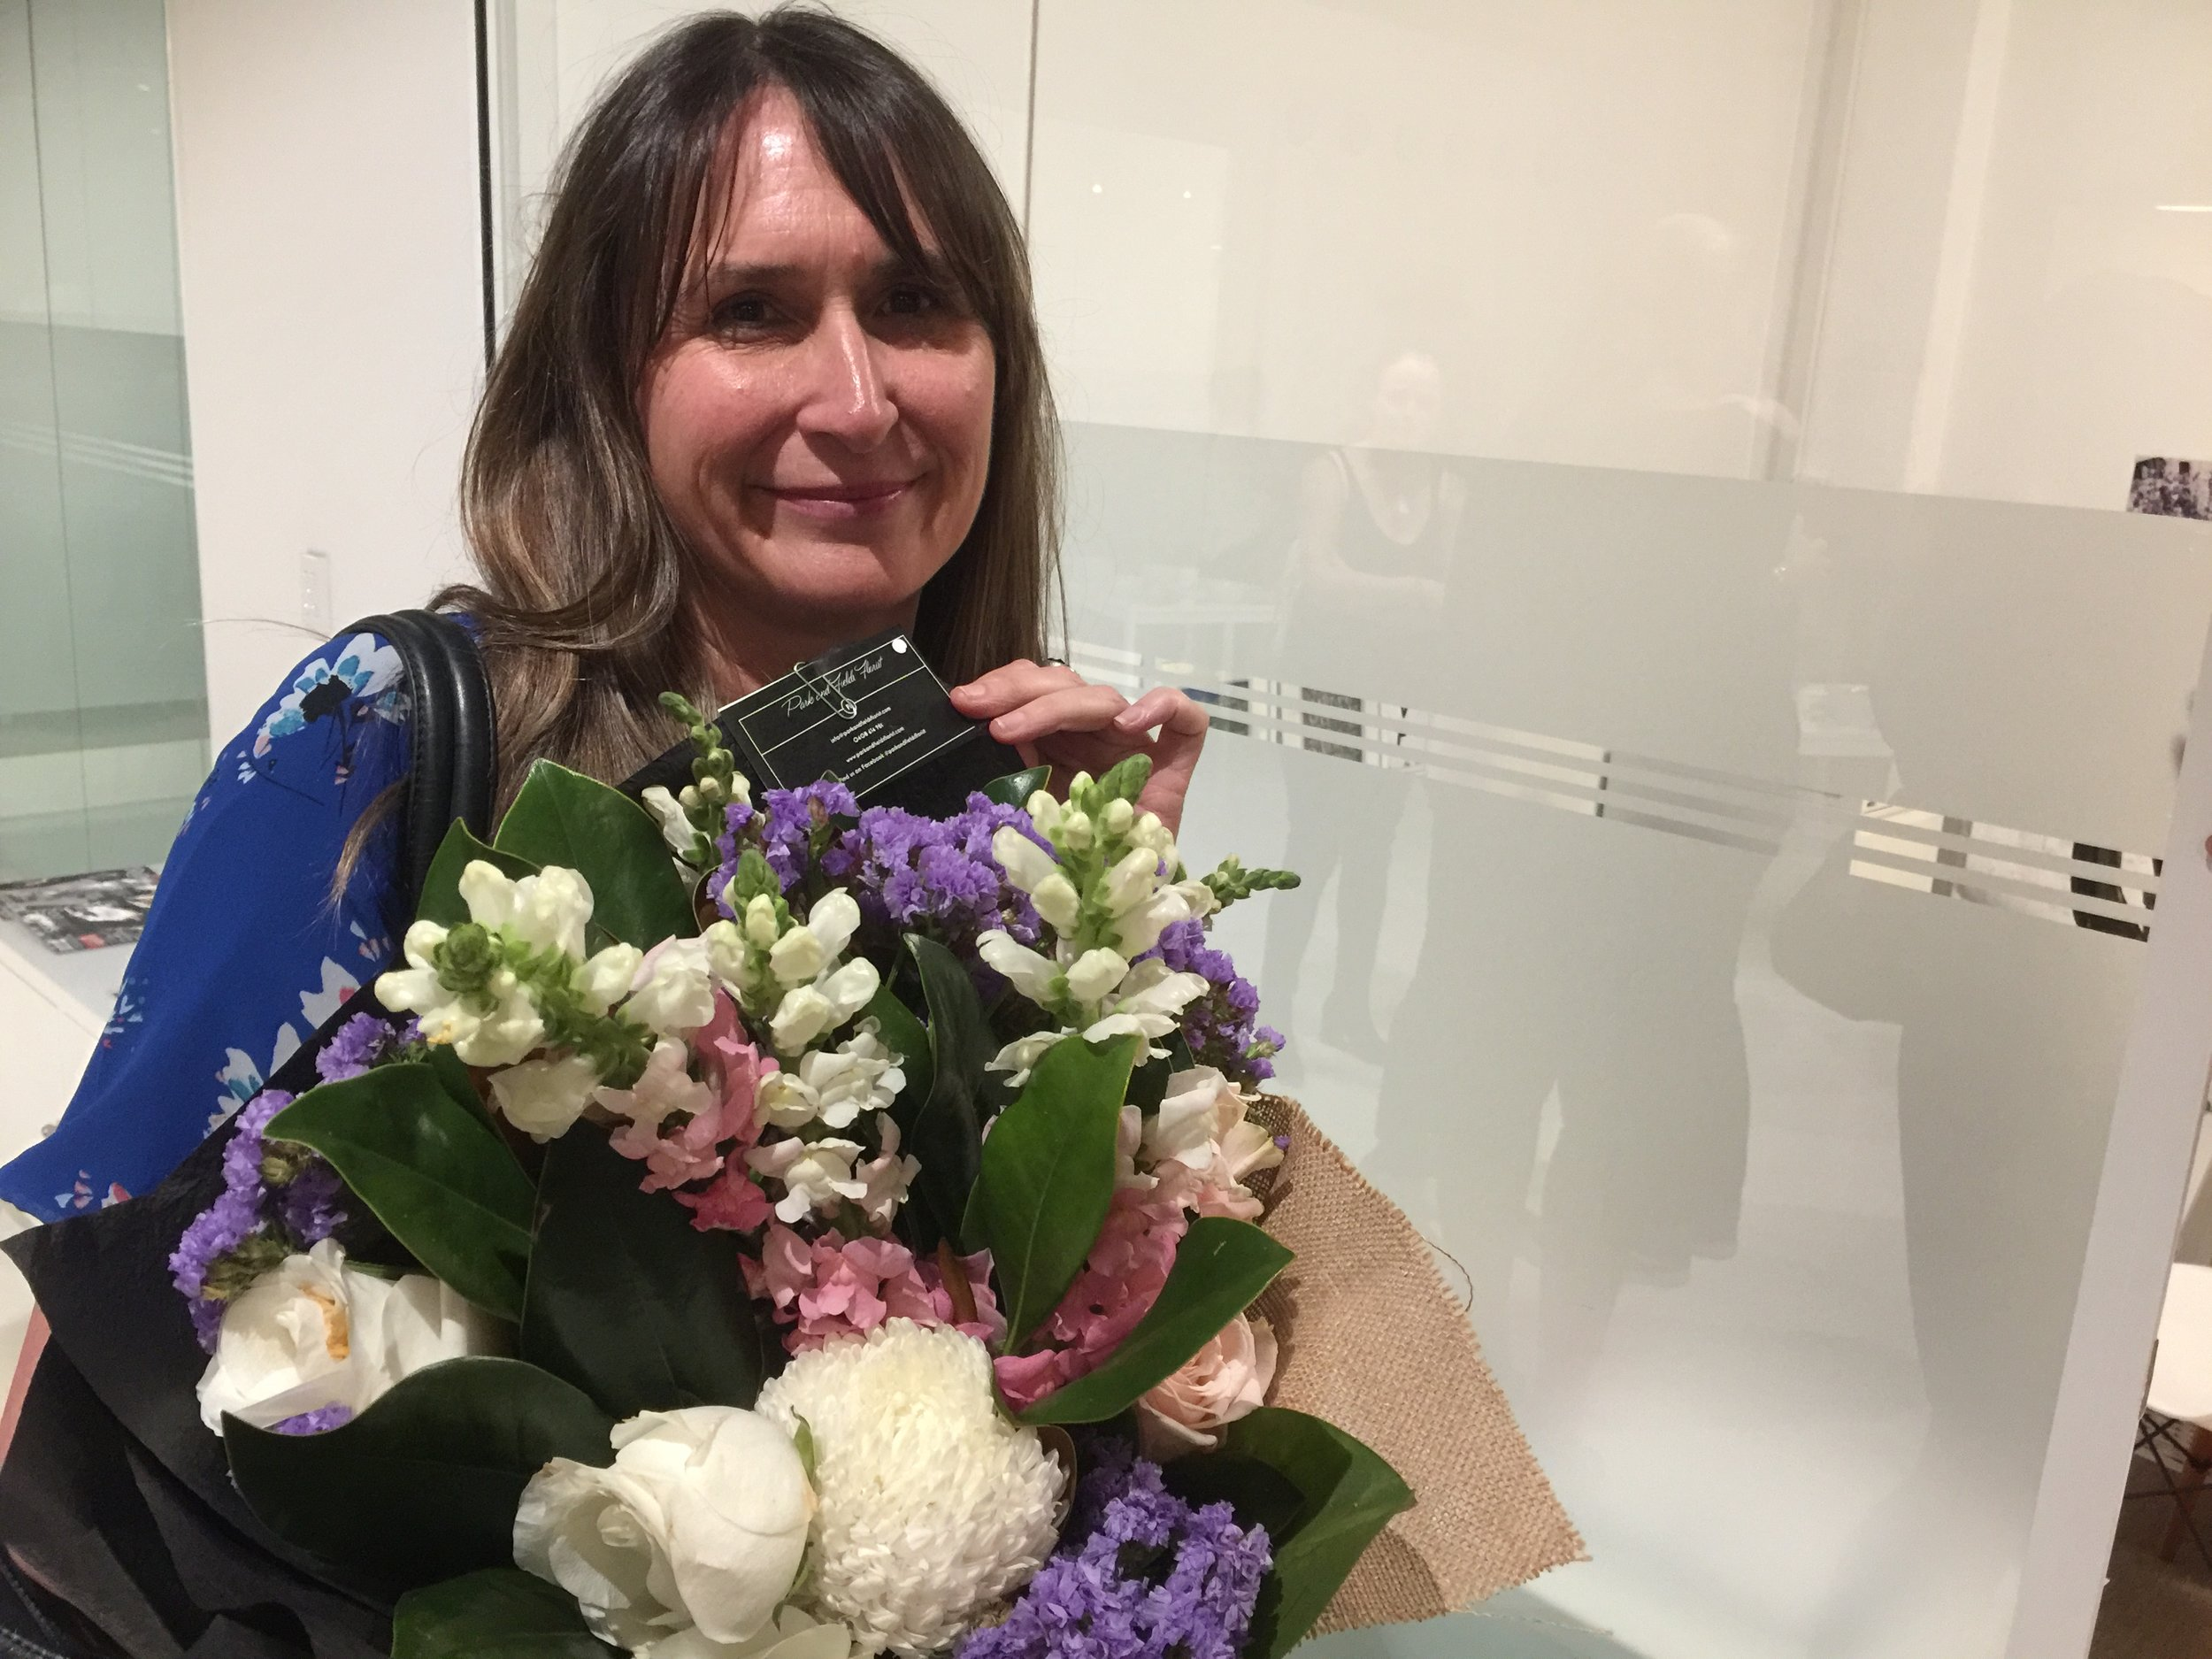 Kathy McCabe, image courtesy of Women In Music, Sydney